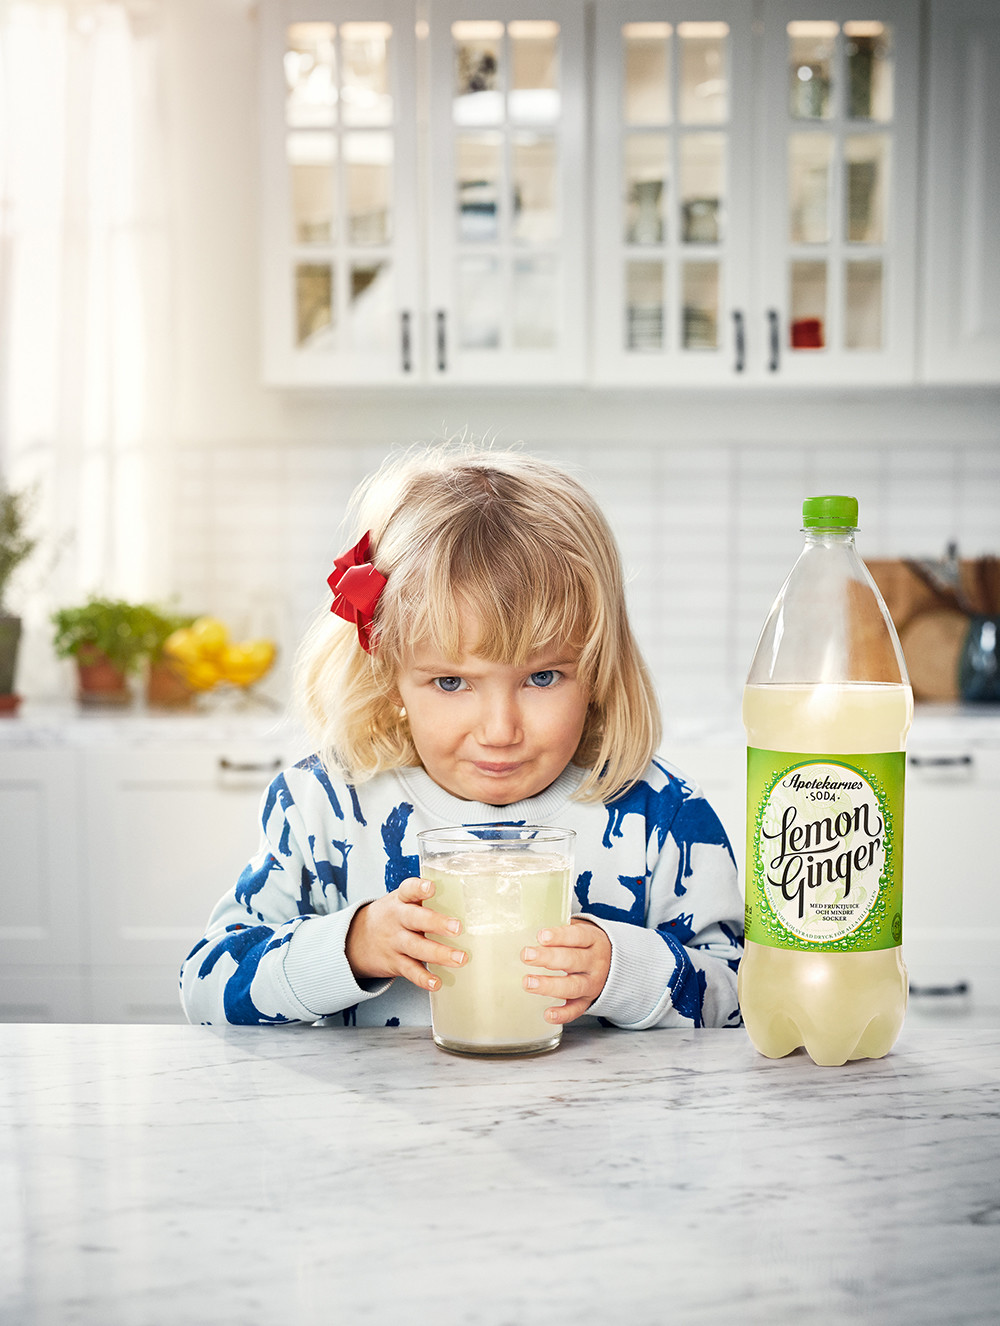 Alexander crispin Apotekarnes Soda Rebecka